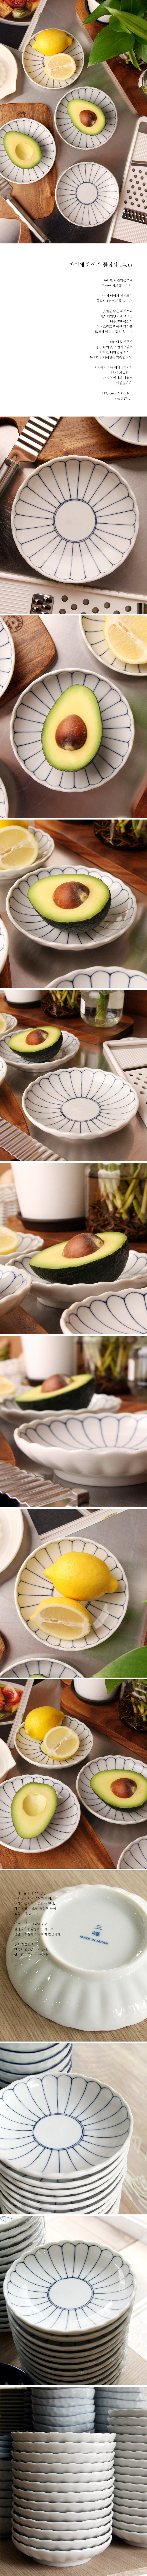 데이지 접시 14cm 1P - 로메이키친A, 4,700원, 접시/찬기, 접시